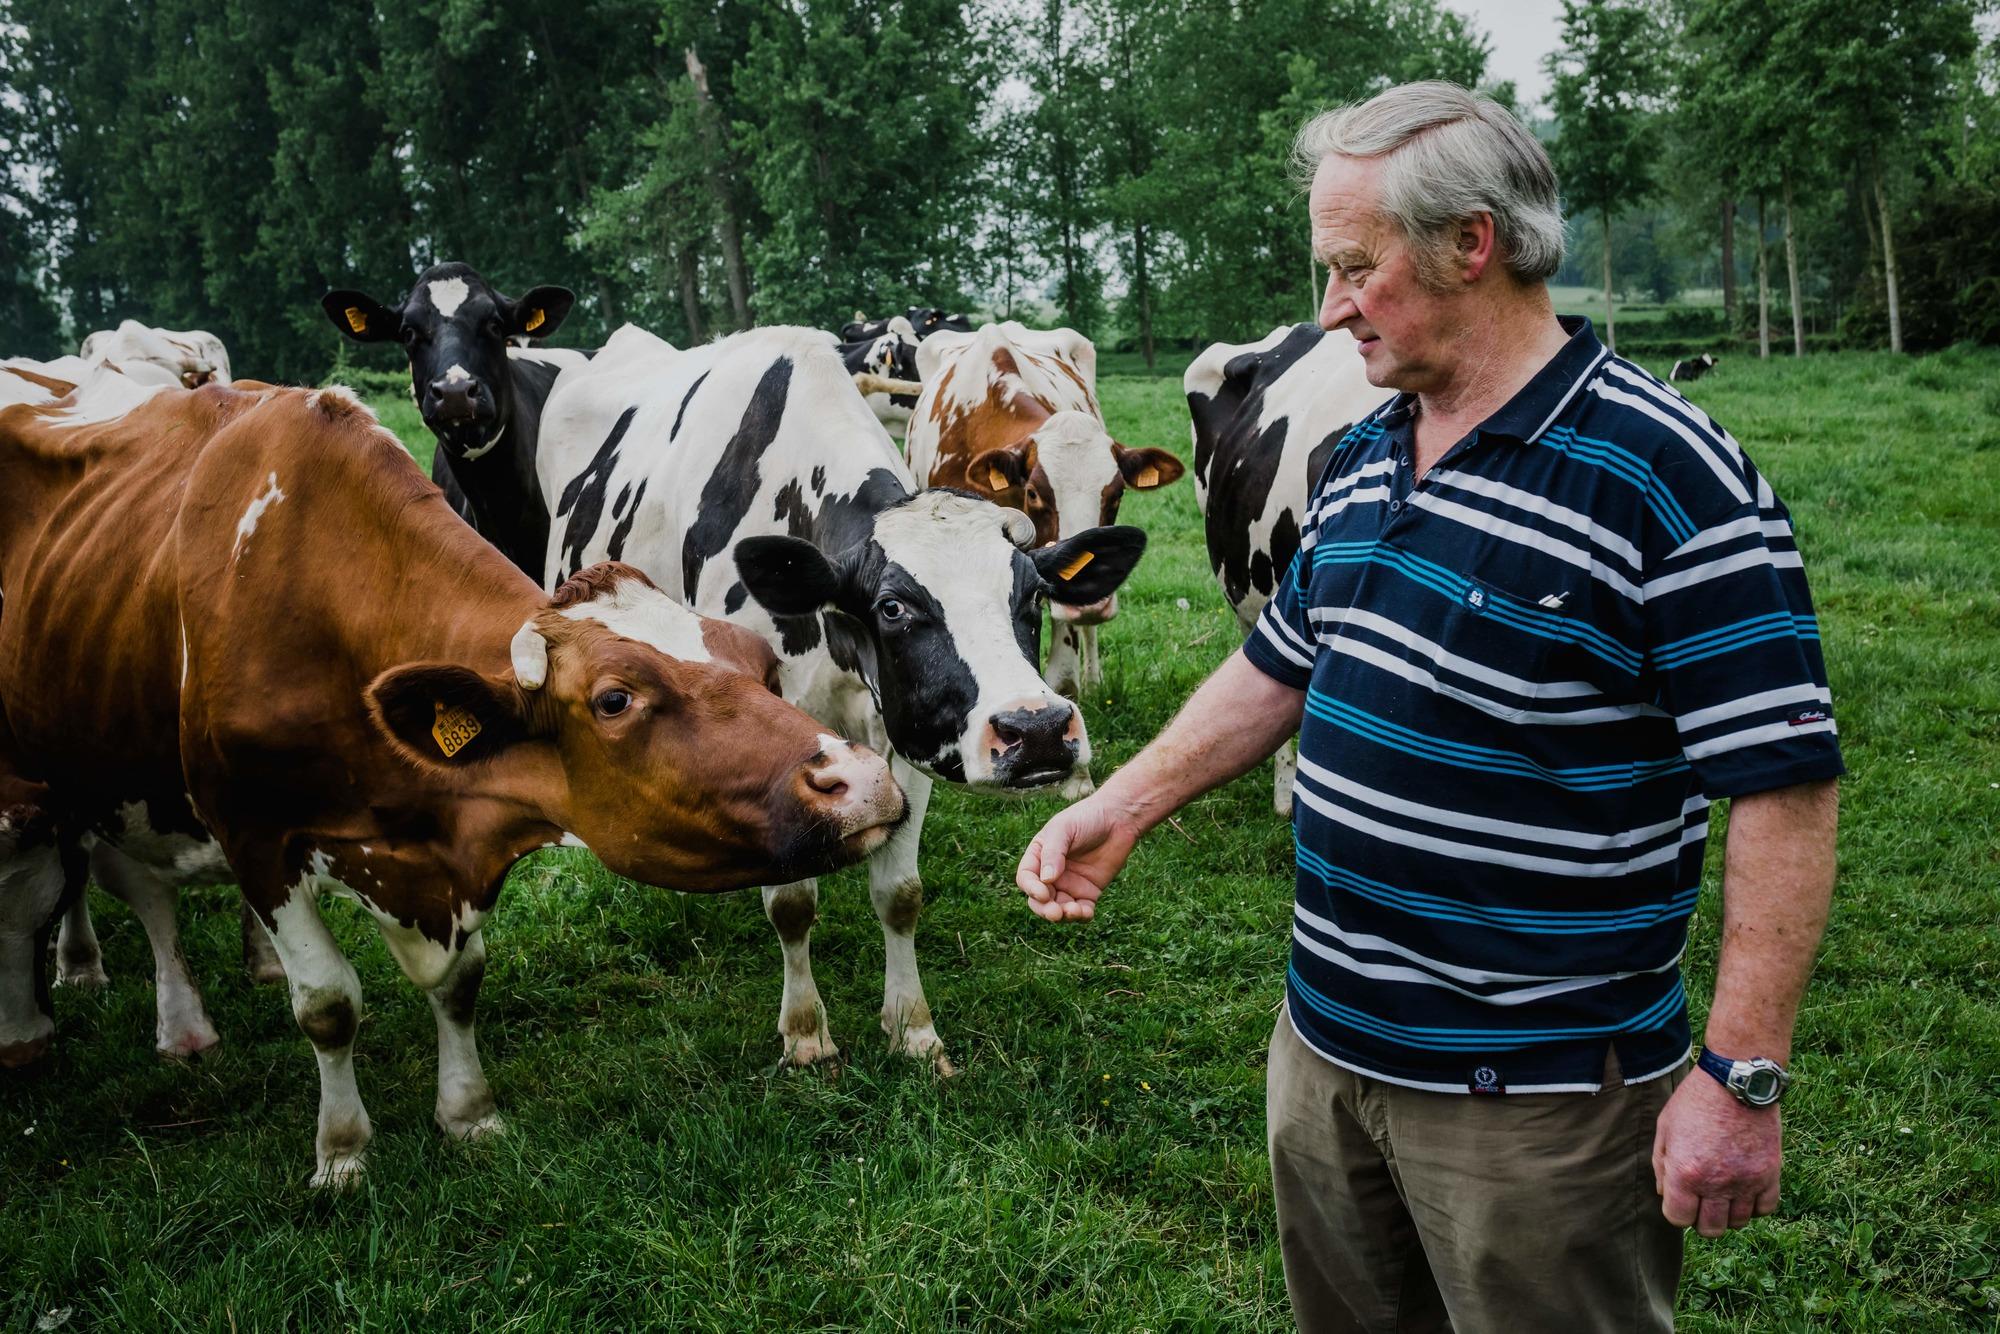 Het verhaal van aardappelproducent Hubrechts - Coenegrachts